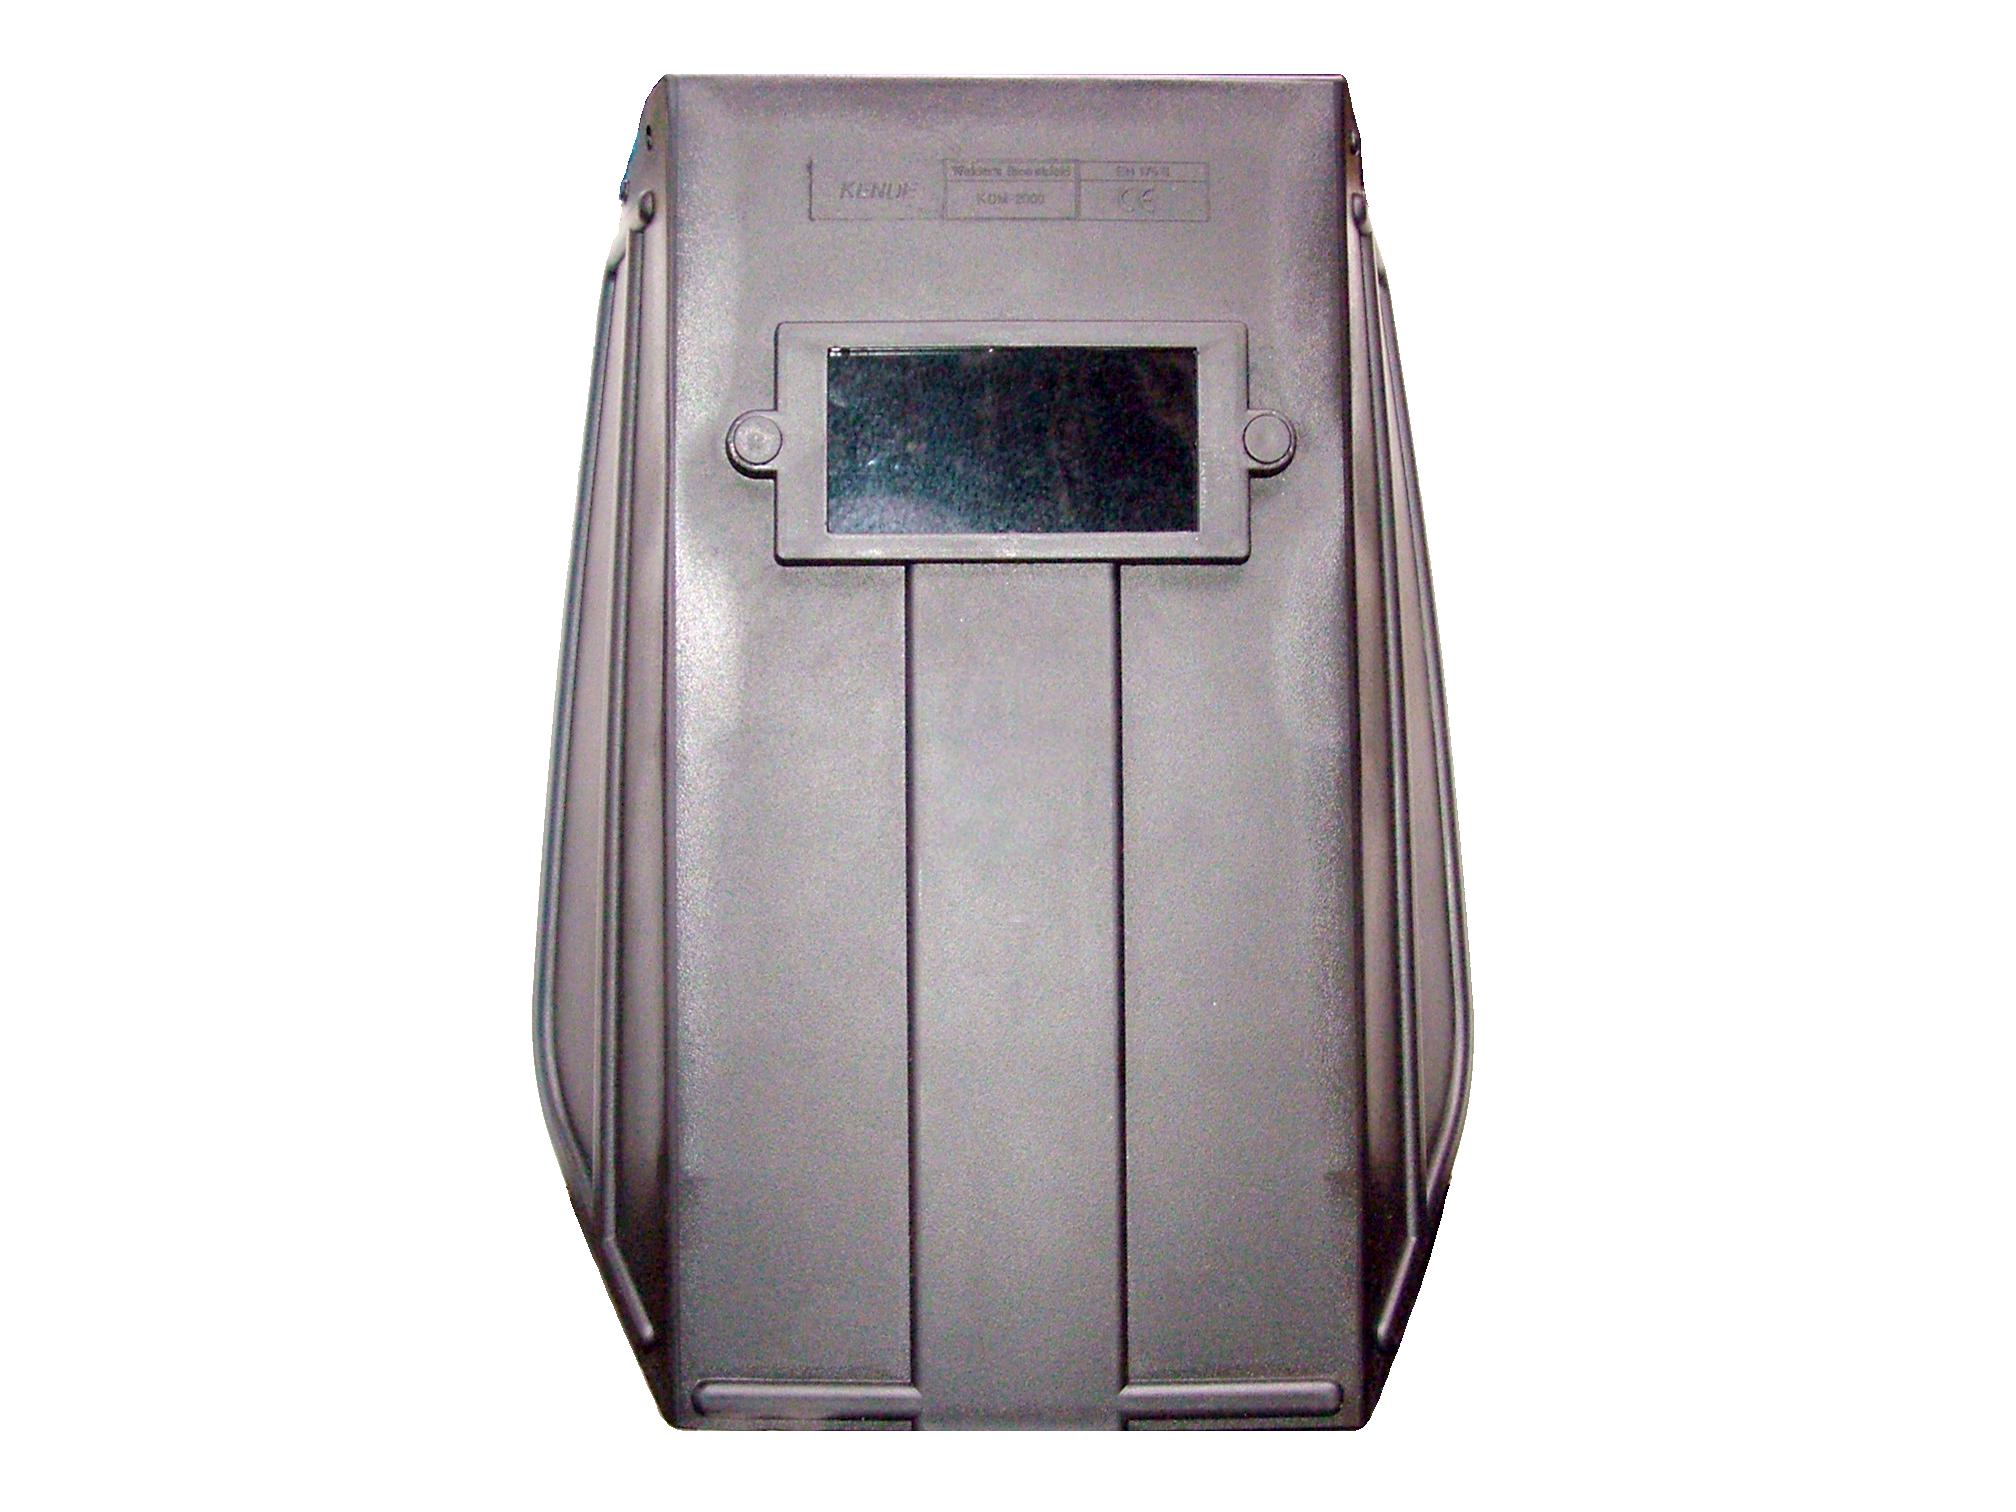 Maq Solda Mig Einhel BT-GW 190D - Mascara